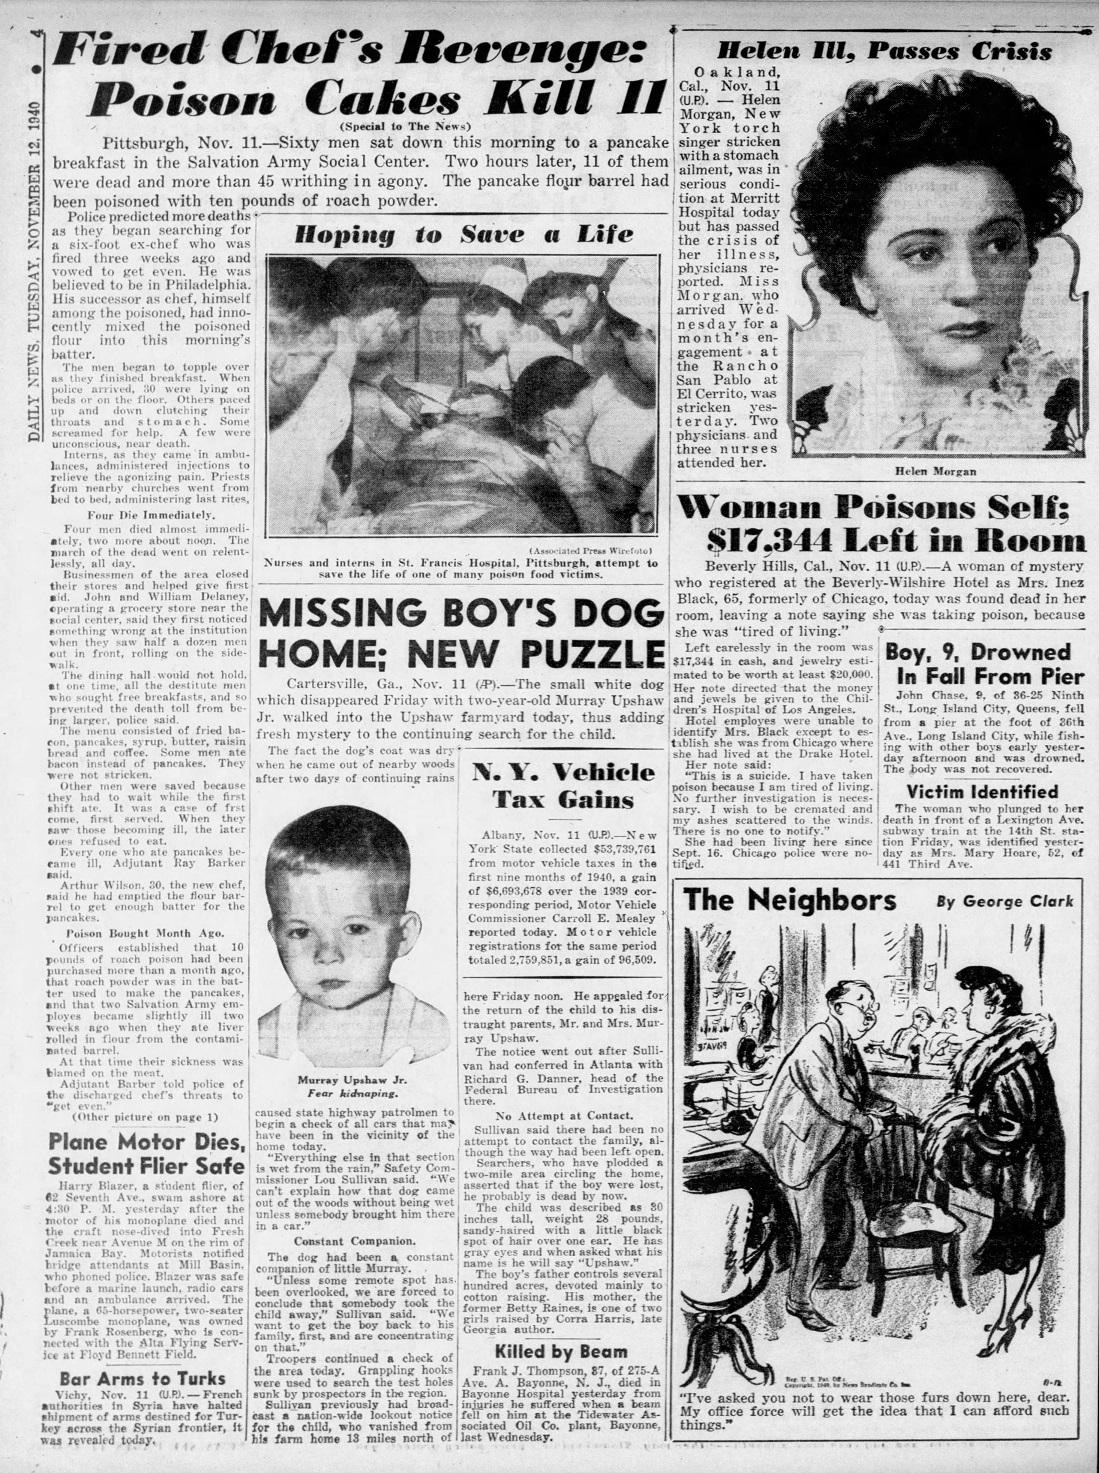 Daily_News_Tue__Nov_12__1940_.jpg